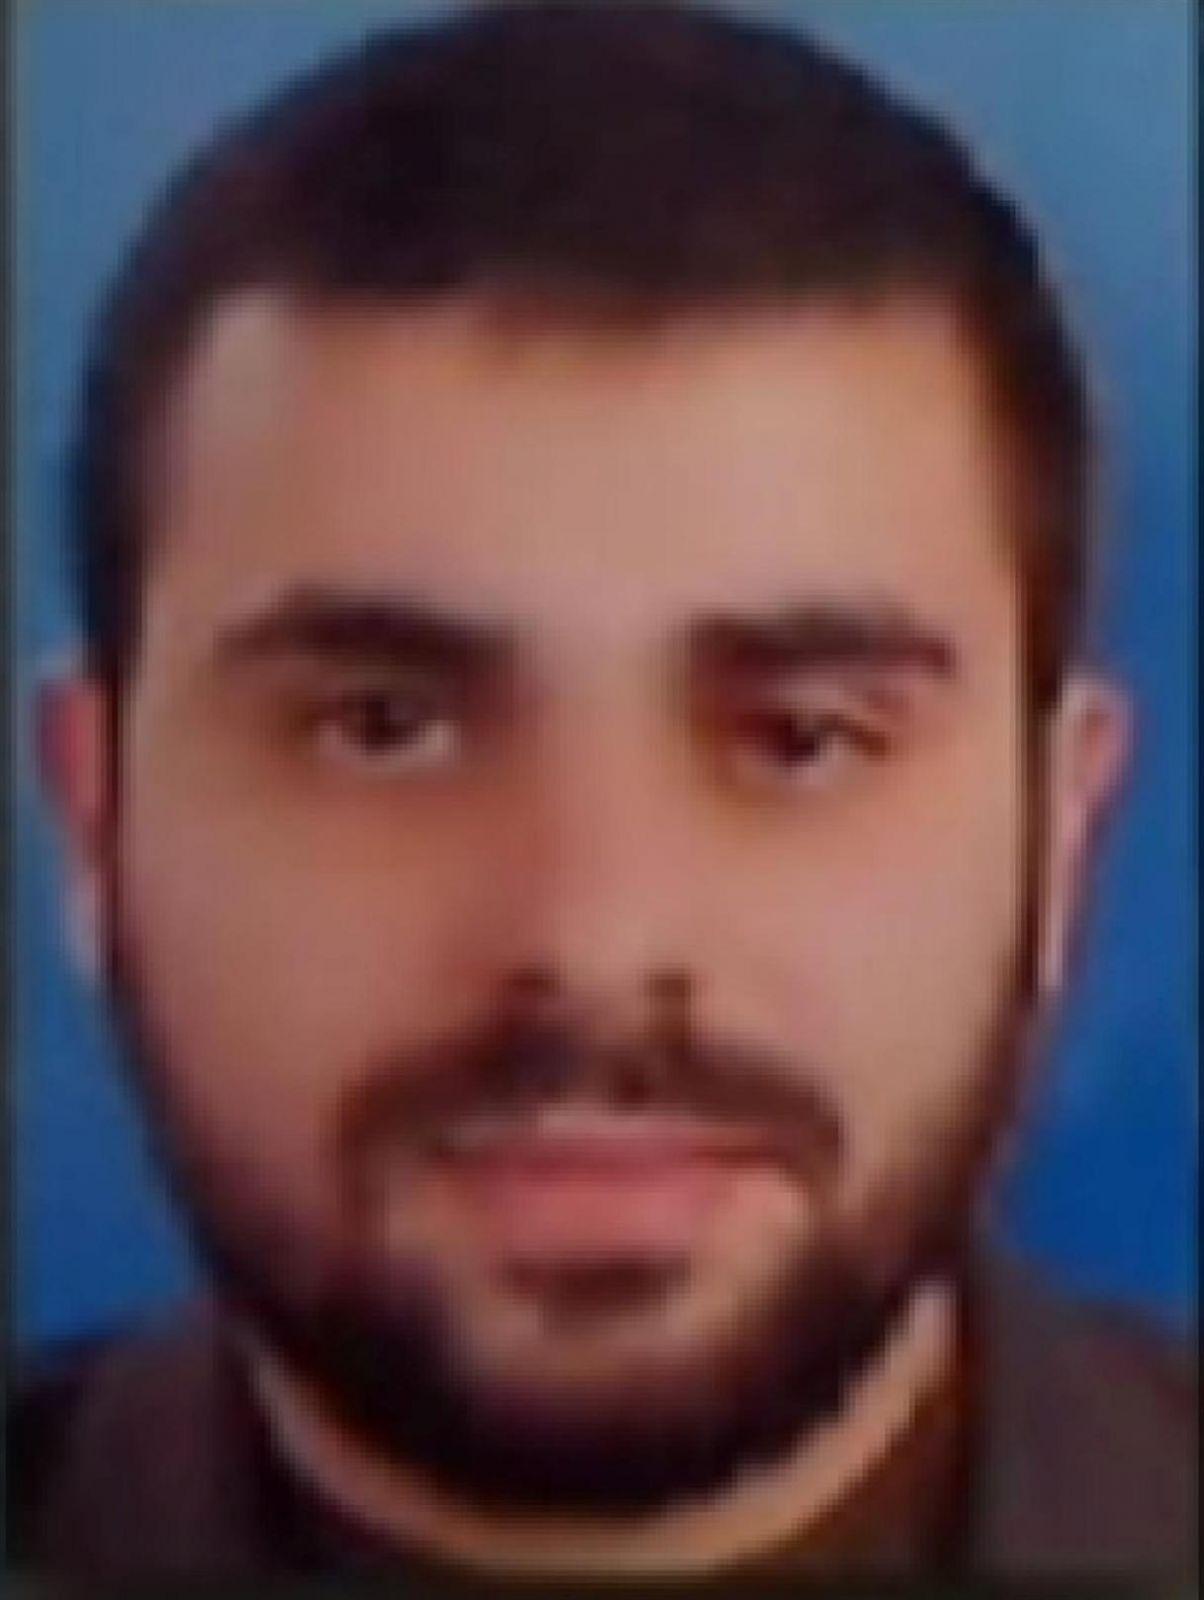 تحميل فيلم سالم ابو اخته